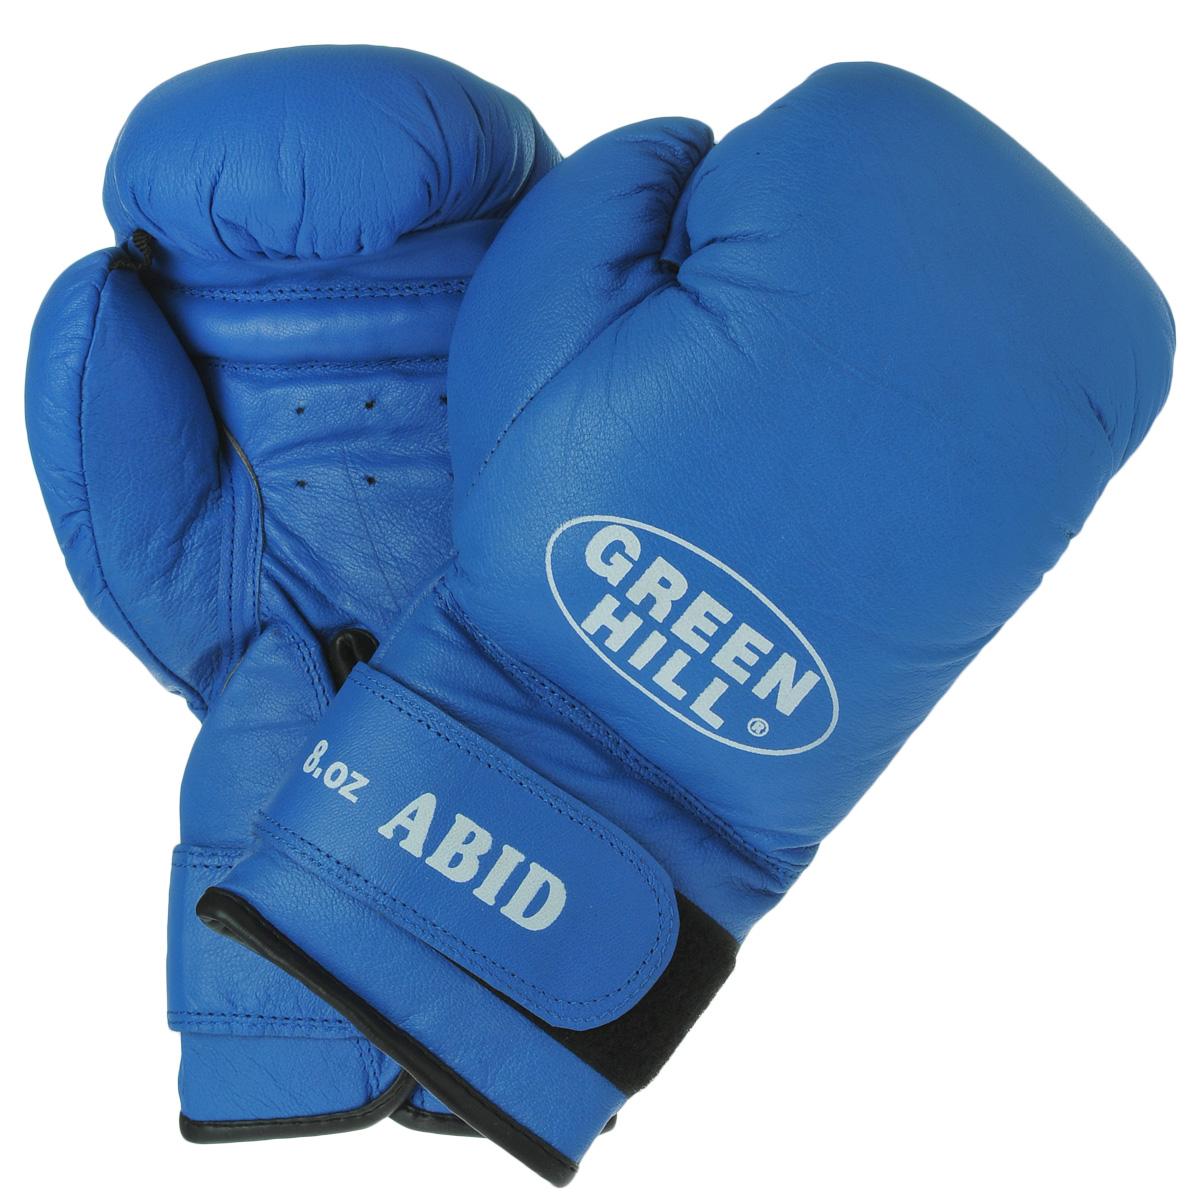 Перчатки боксерские Green Hill Abid, цвет: синий. Вес 8 унцийBGA-2024Боксерские тренировочные перчатки Green Hill Abid выполнены из натуральной кожи. Они отлично подойдут для начинающих спортсменов. Мягкий наполнитель из очеса предотвращает любые травмы. Широкий ремень, охватывая запястье, полностью оборачивается вокруг манжеты, благодаря чему создается дополнительная защита лучезапястного сустава от травмирования. Застежка на липучке способствует быстрому и удобному одеванию перчаток, плотно фиксирует перчатки на руке.